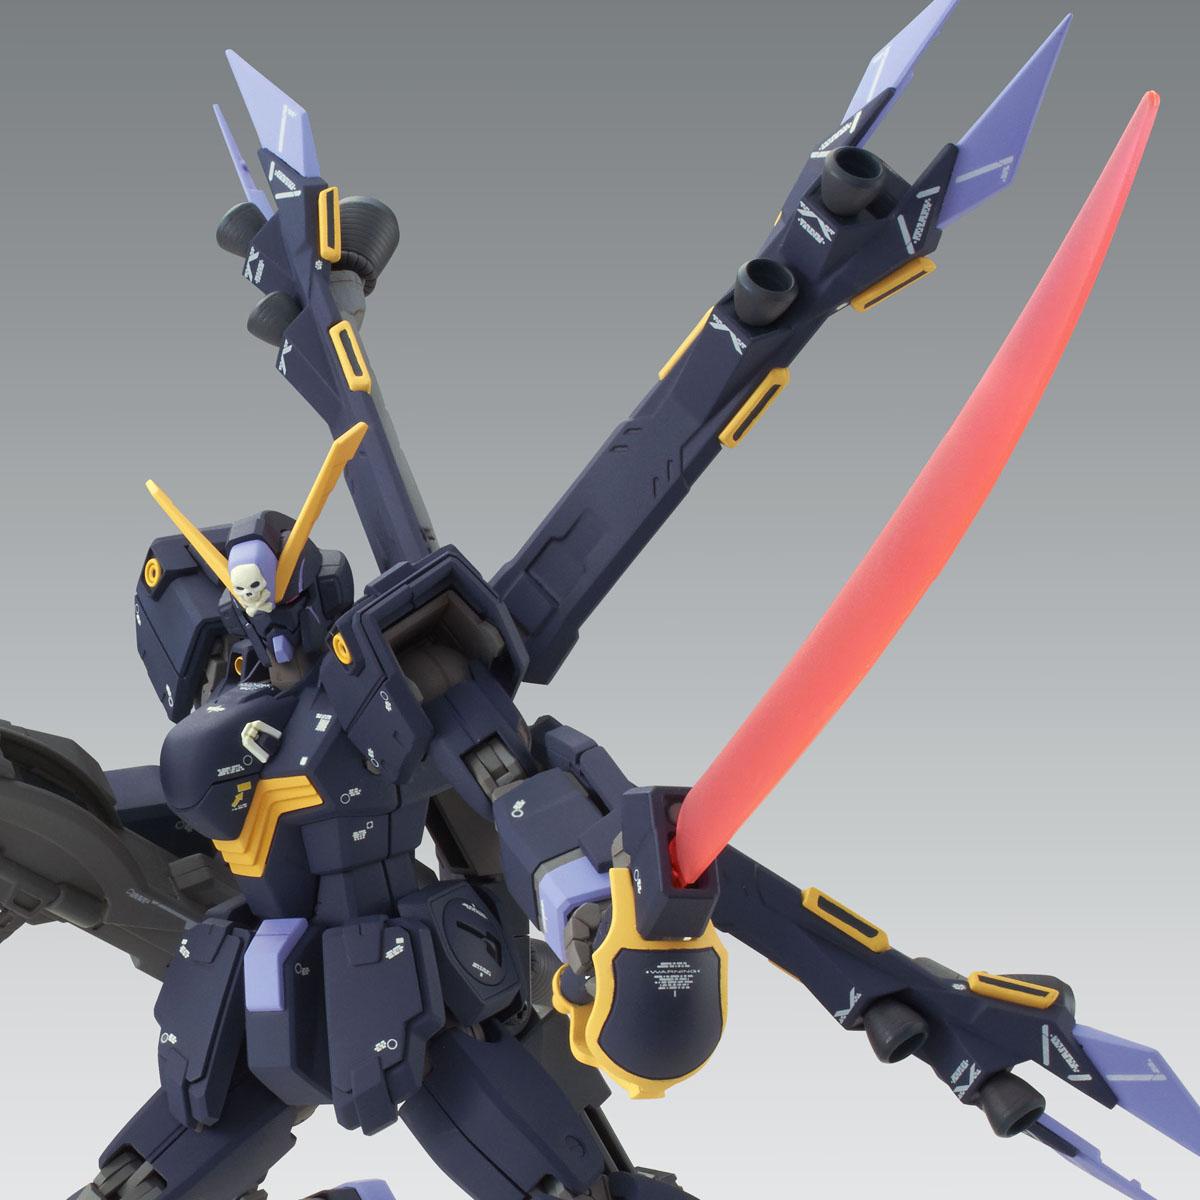 P-Bandai: MG 1/100 Crossbone Gundam X2 Kai 改